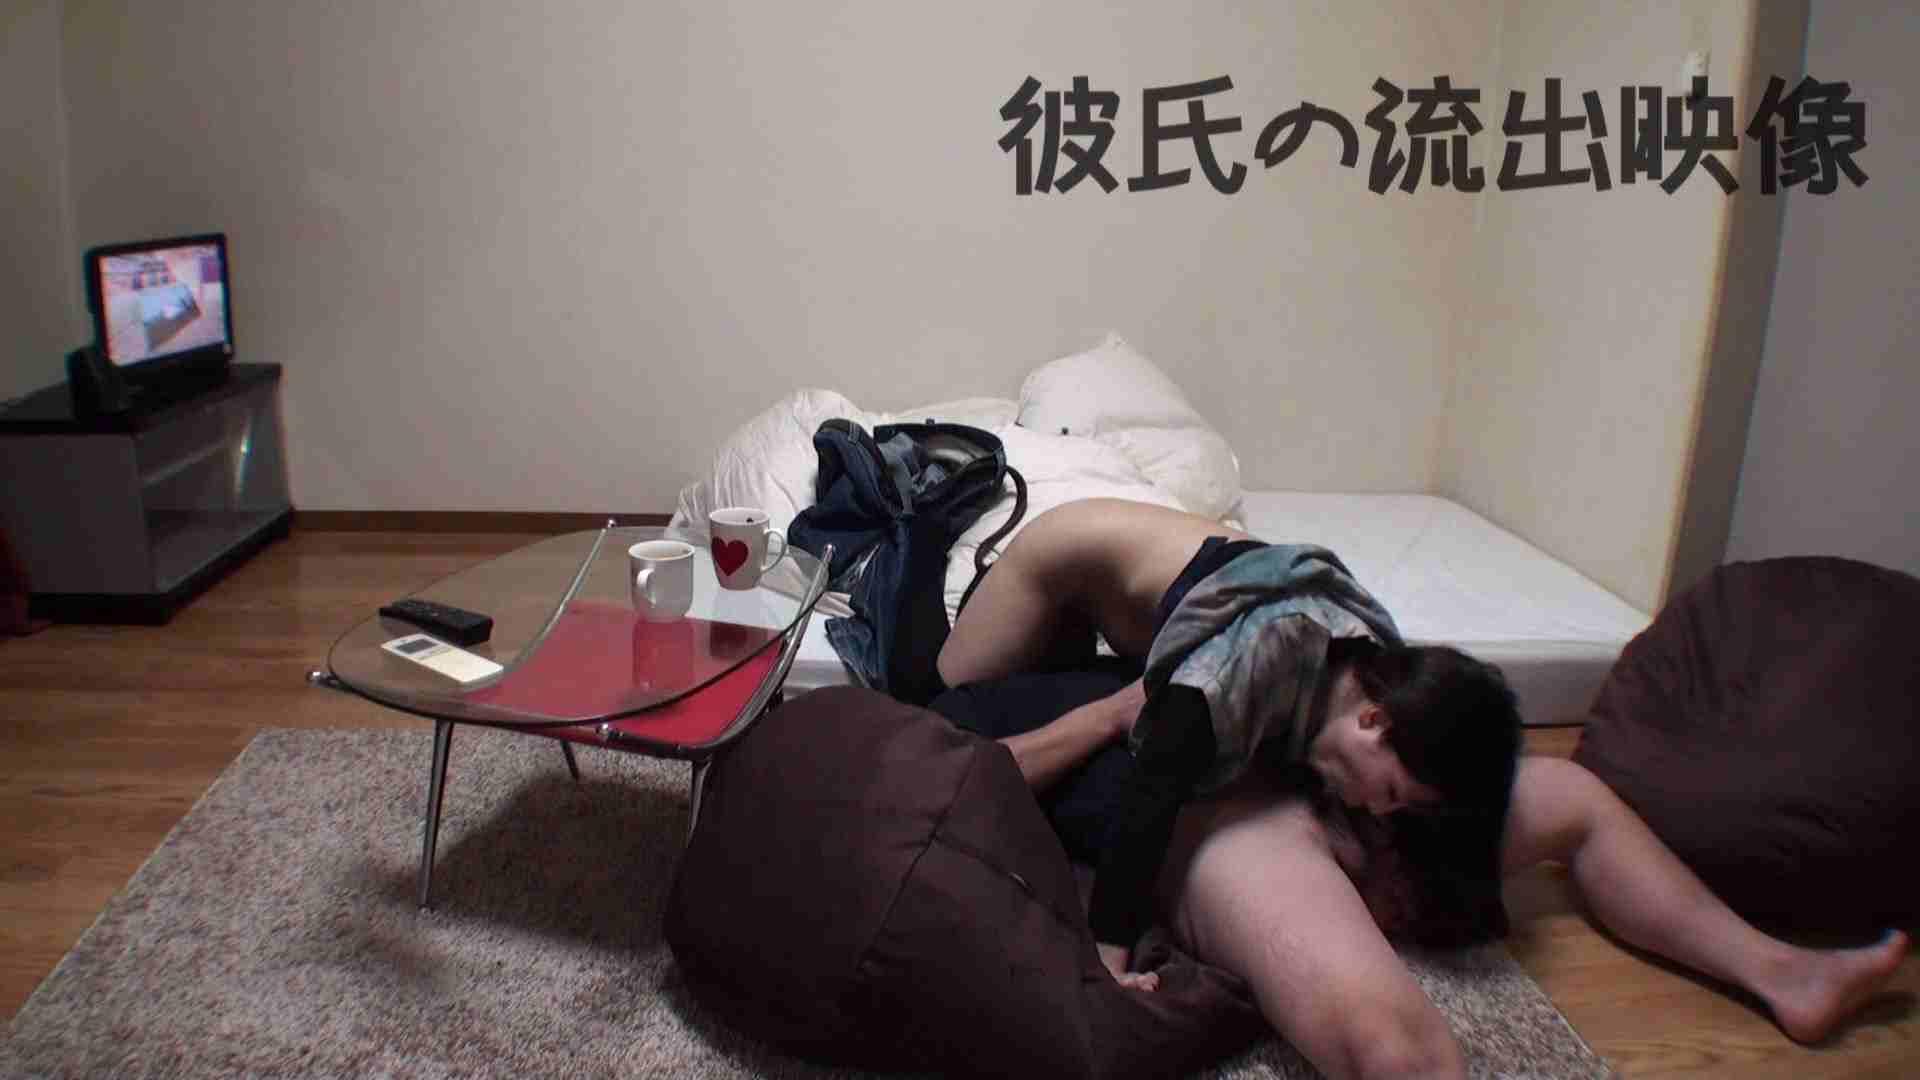 彼氏が流出 パイパン素人嬢のハメ撮り映像02 SEX  92連発 55